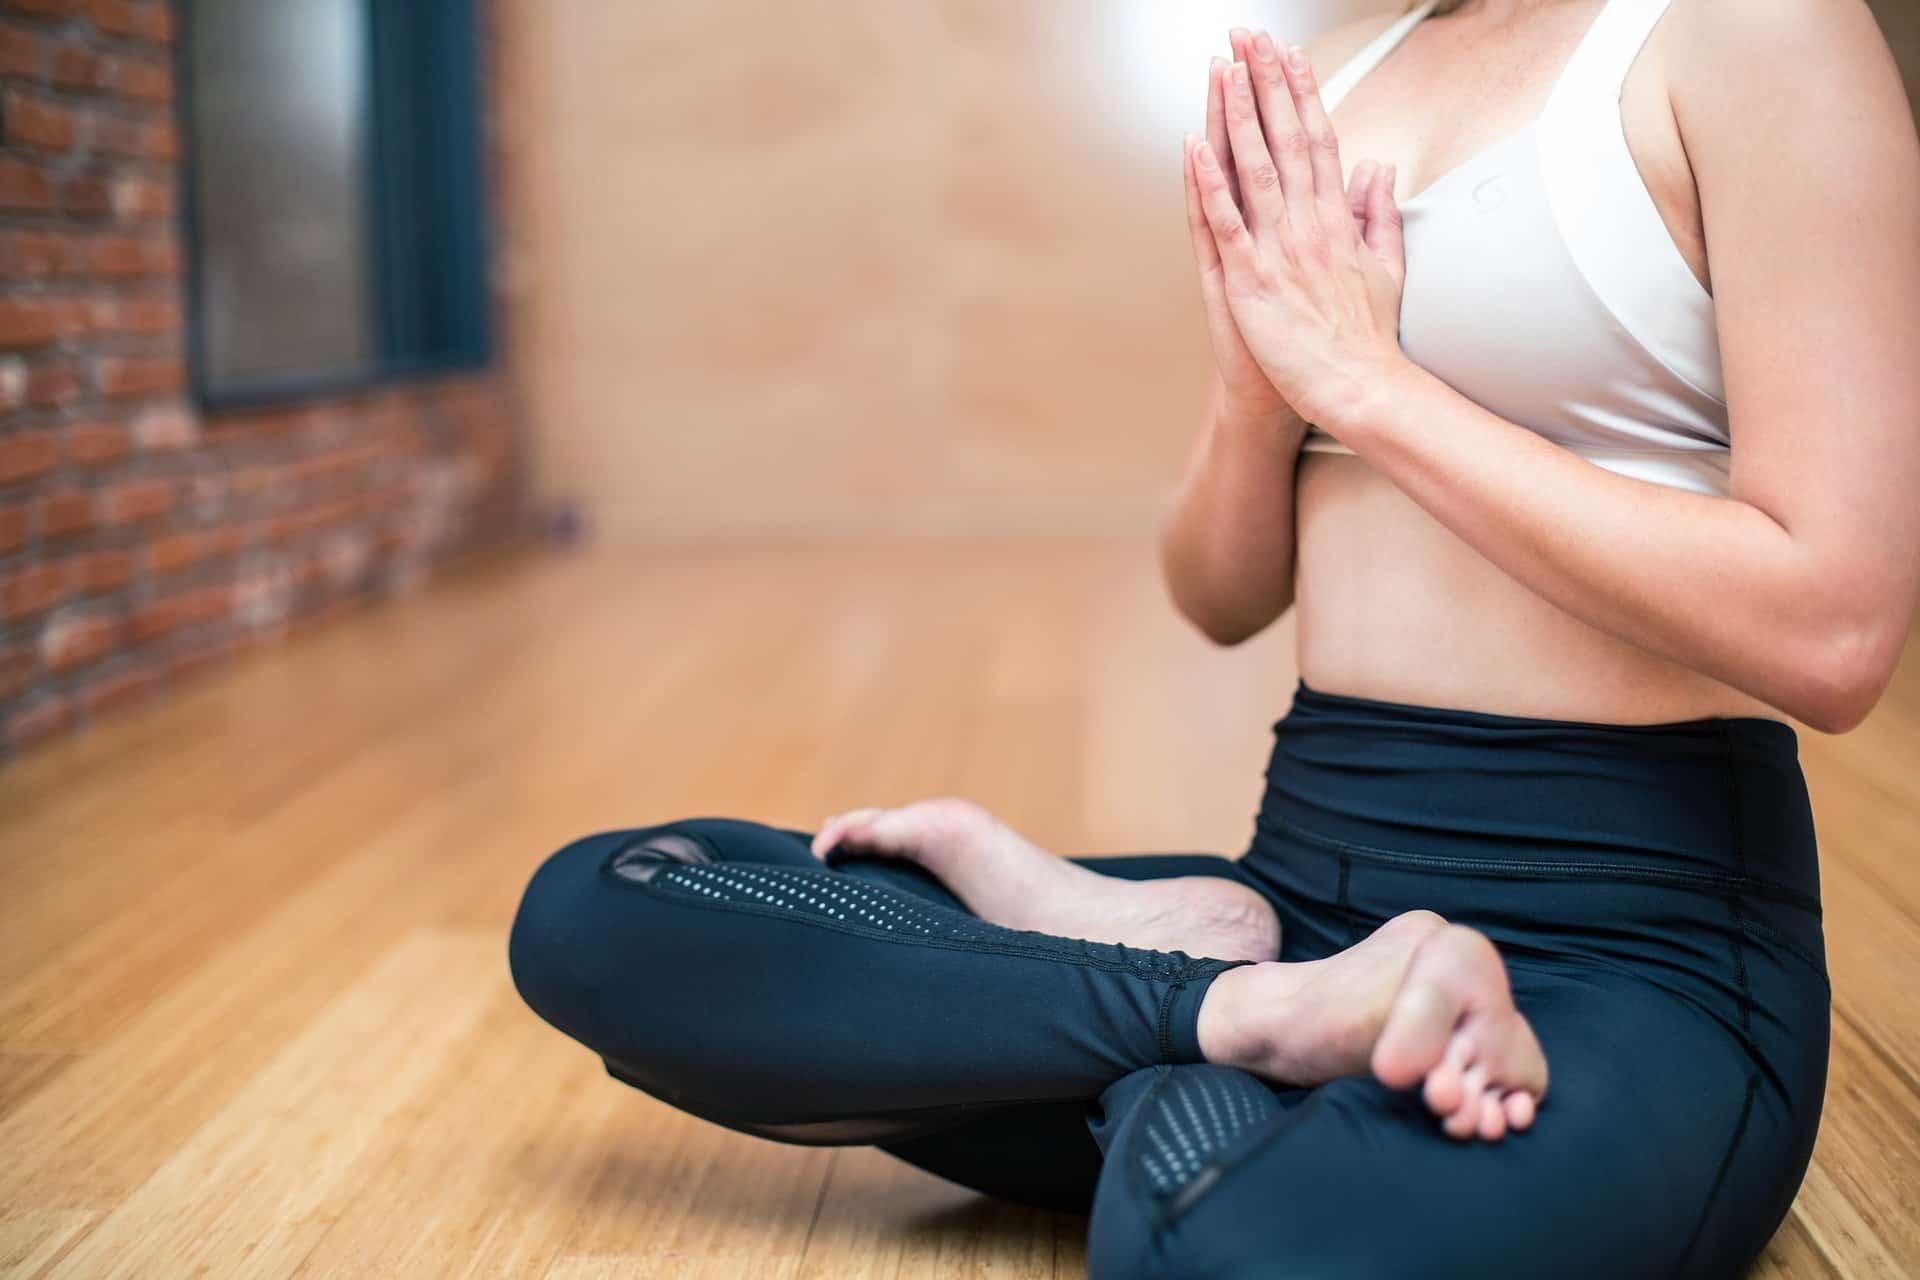 Faire de l'exercice pour améliorer l'estime de soi